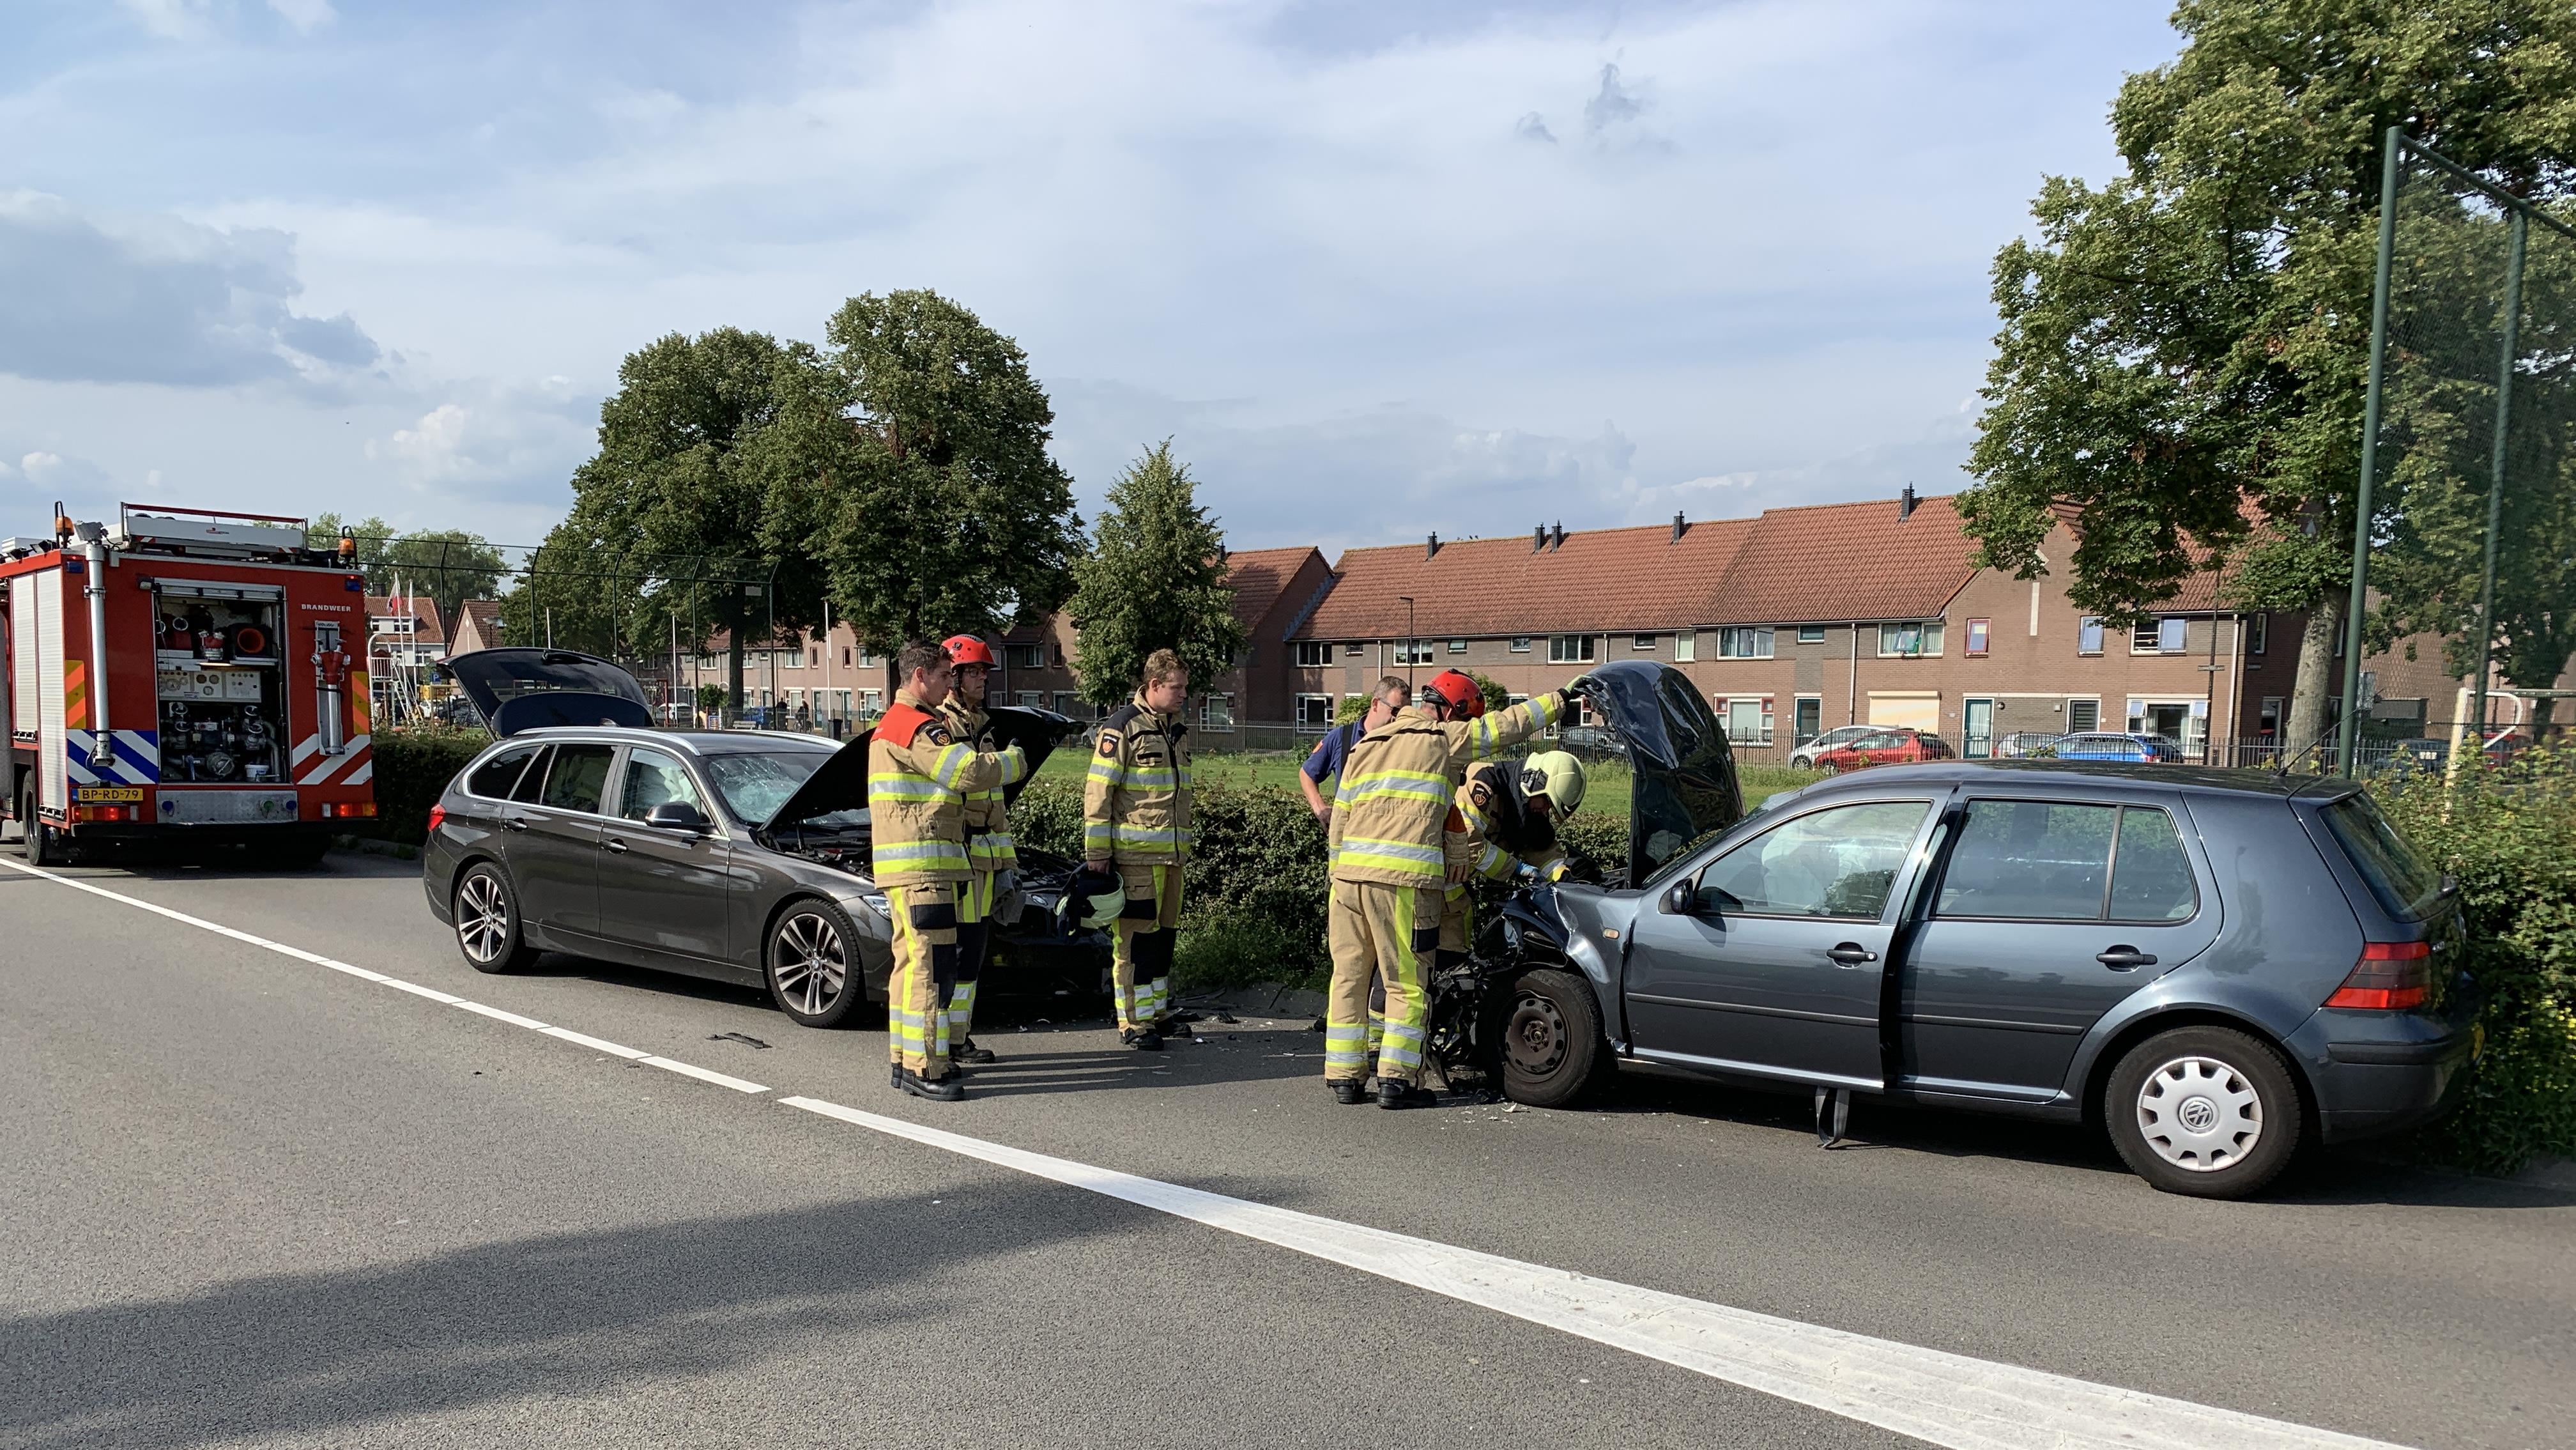 Pothoofd in Deventer afgesloten na frontale botsing tussen twee autos.